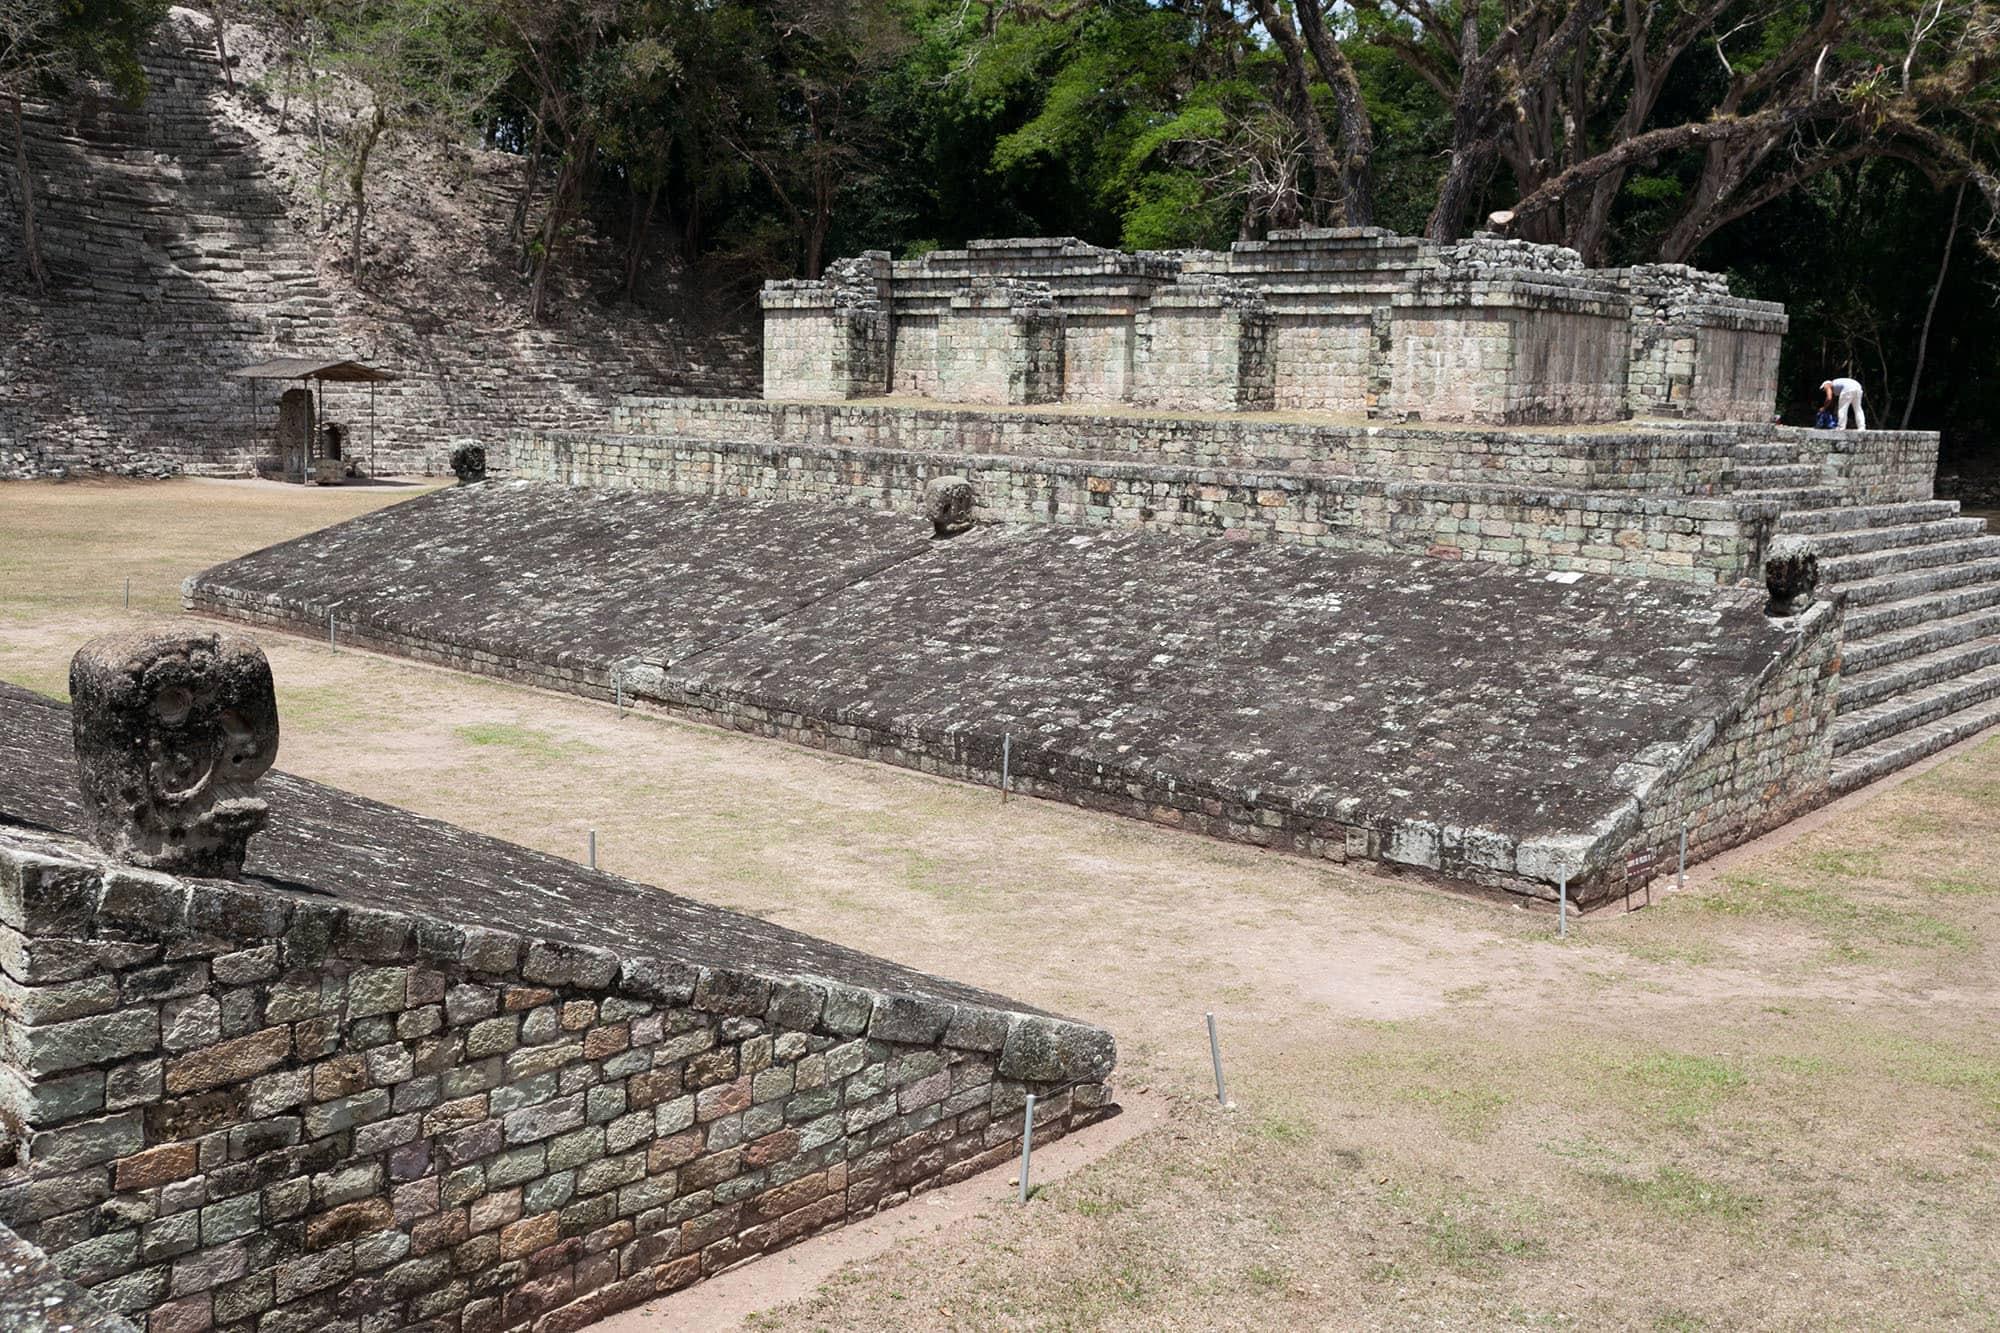 Mayan ruins of Copan in Honduras